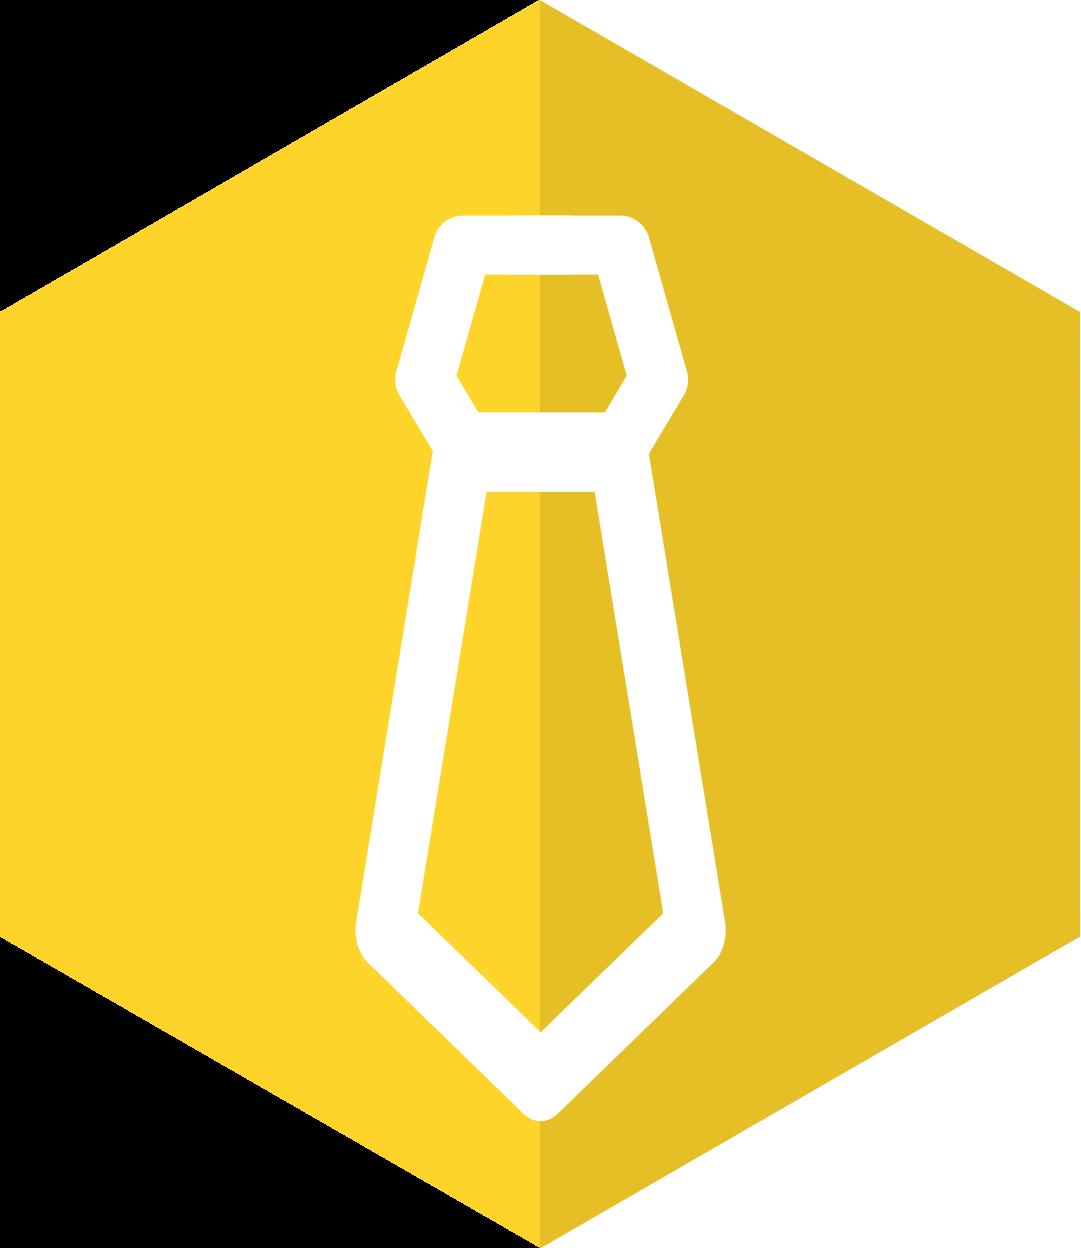 badge LEGEN-DARY